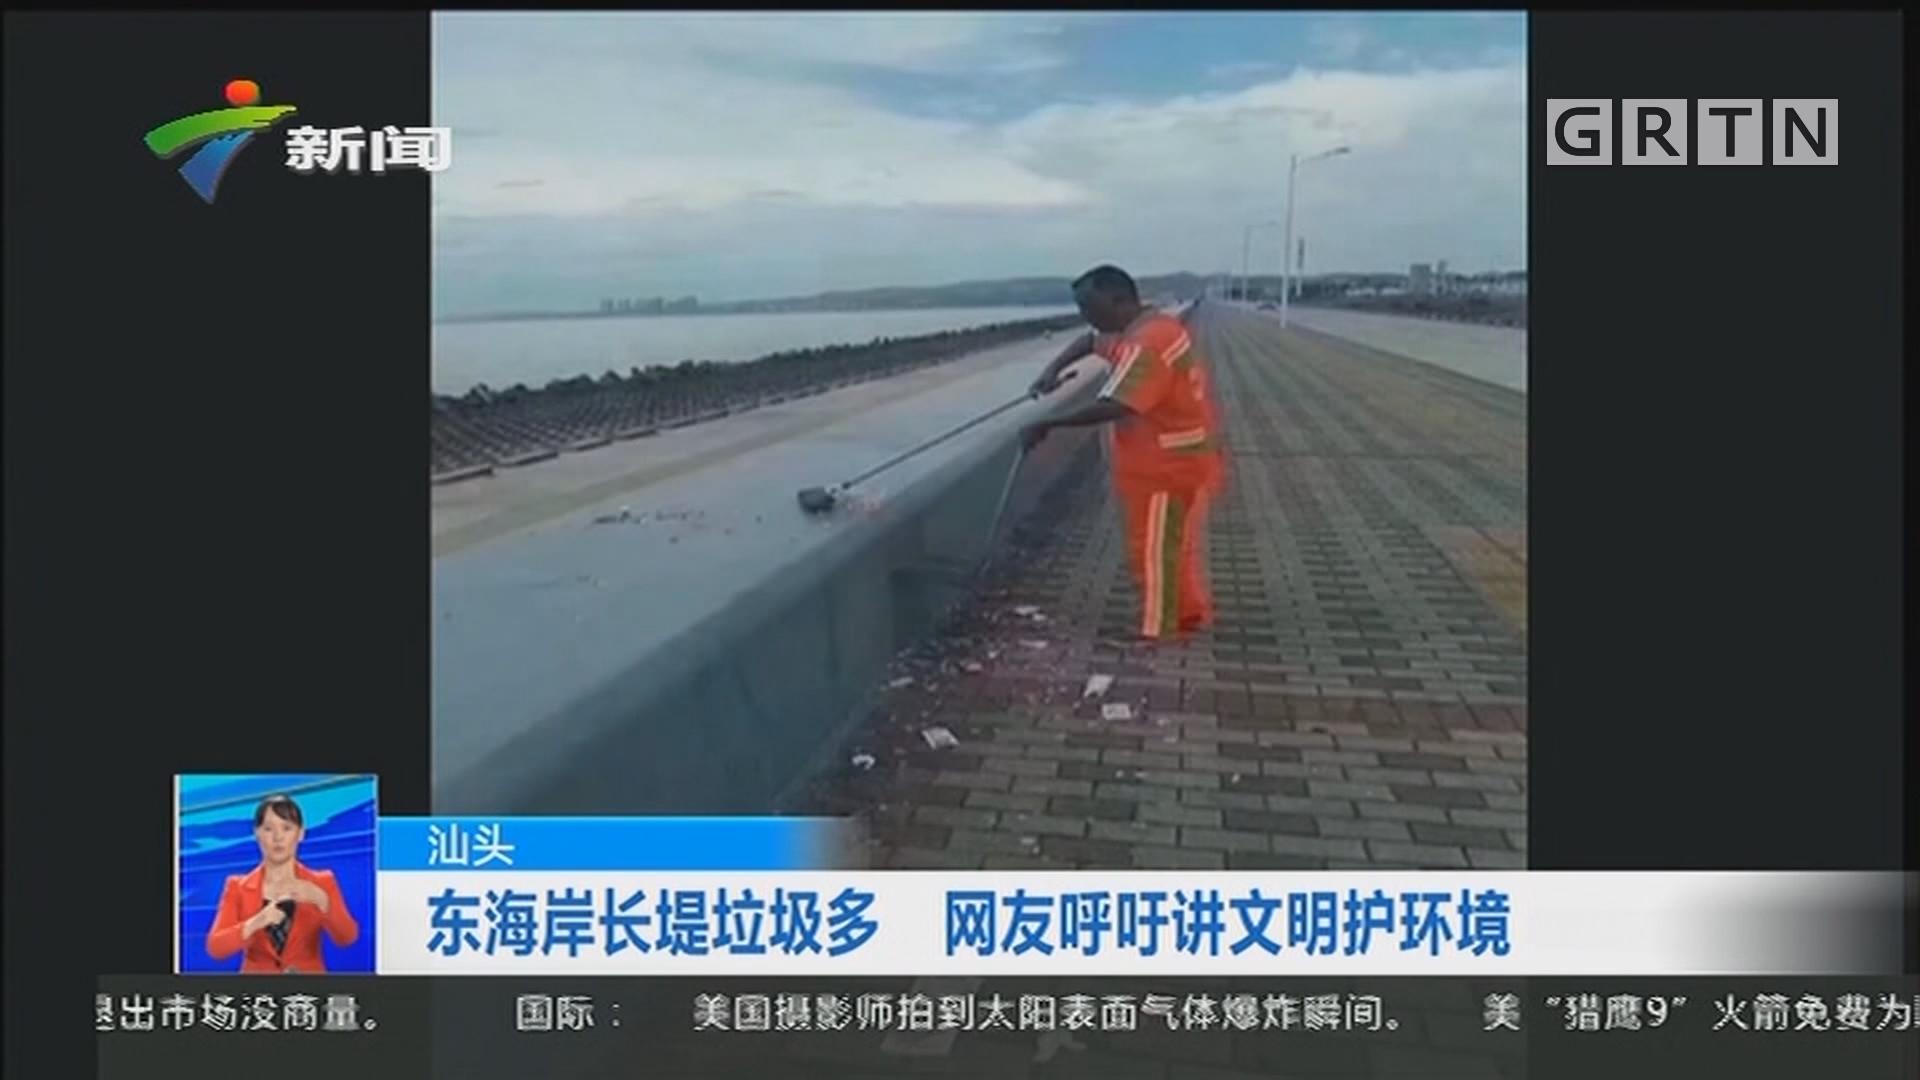 汕头:东海岸长堤垃圾多 网友呼吁讲文明护环境